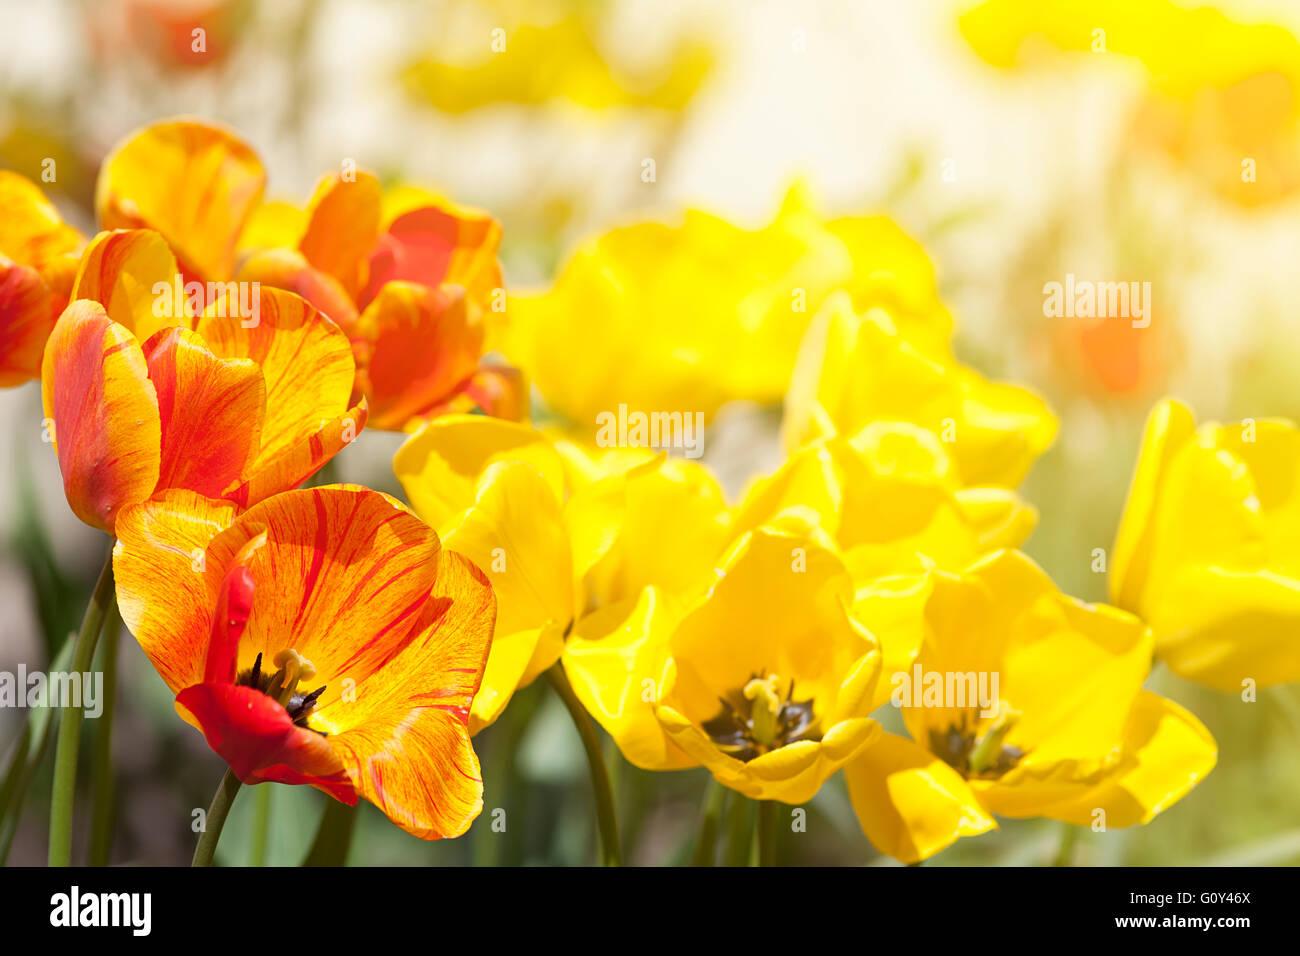 Tulpe Blumen im Garten mit hellen Farben in gelb und rot Stockfoto ...